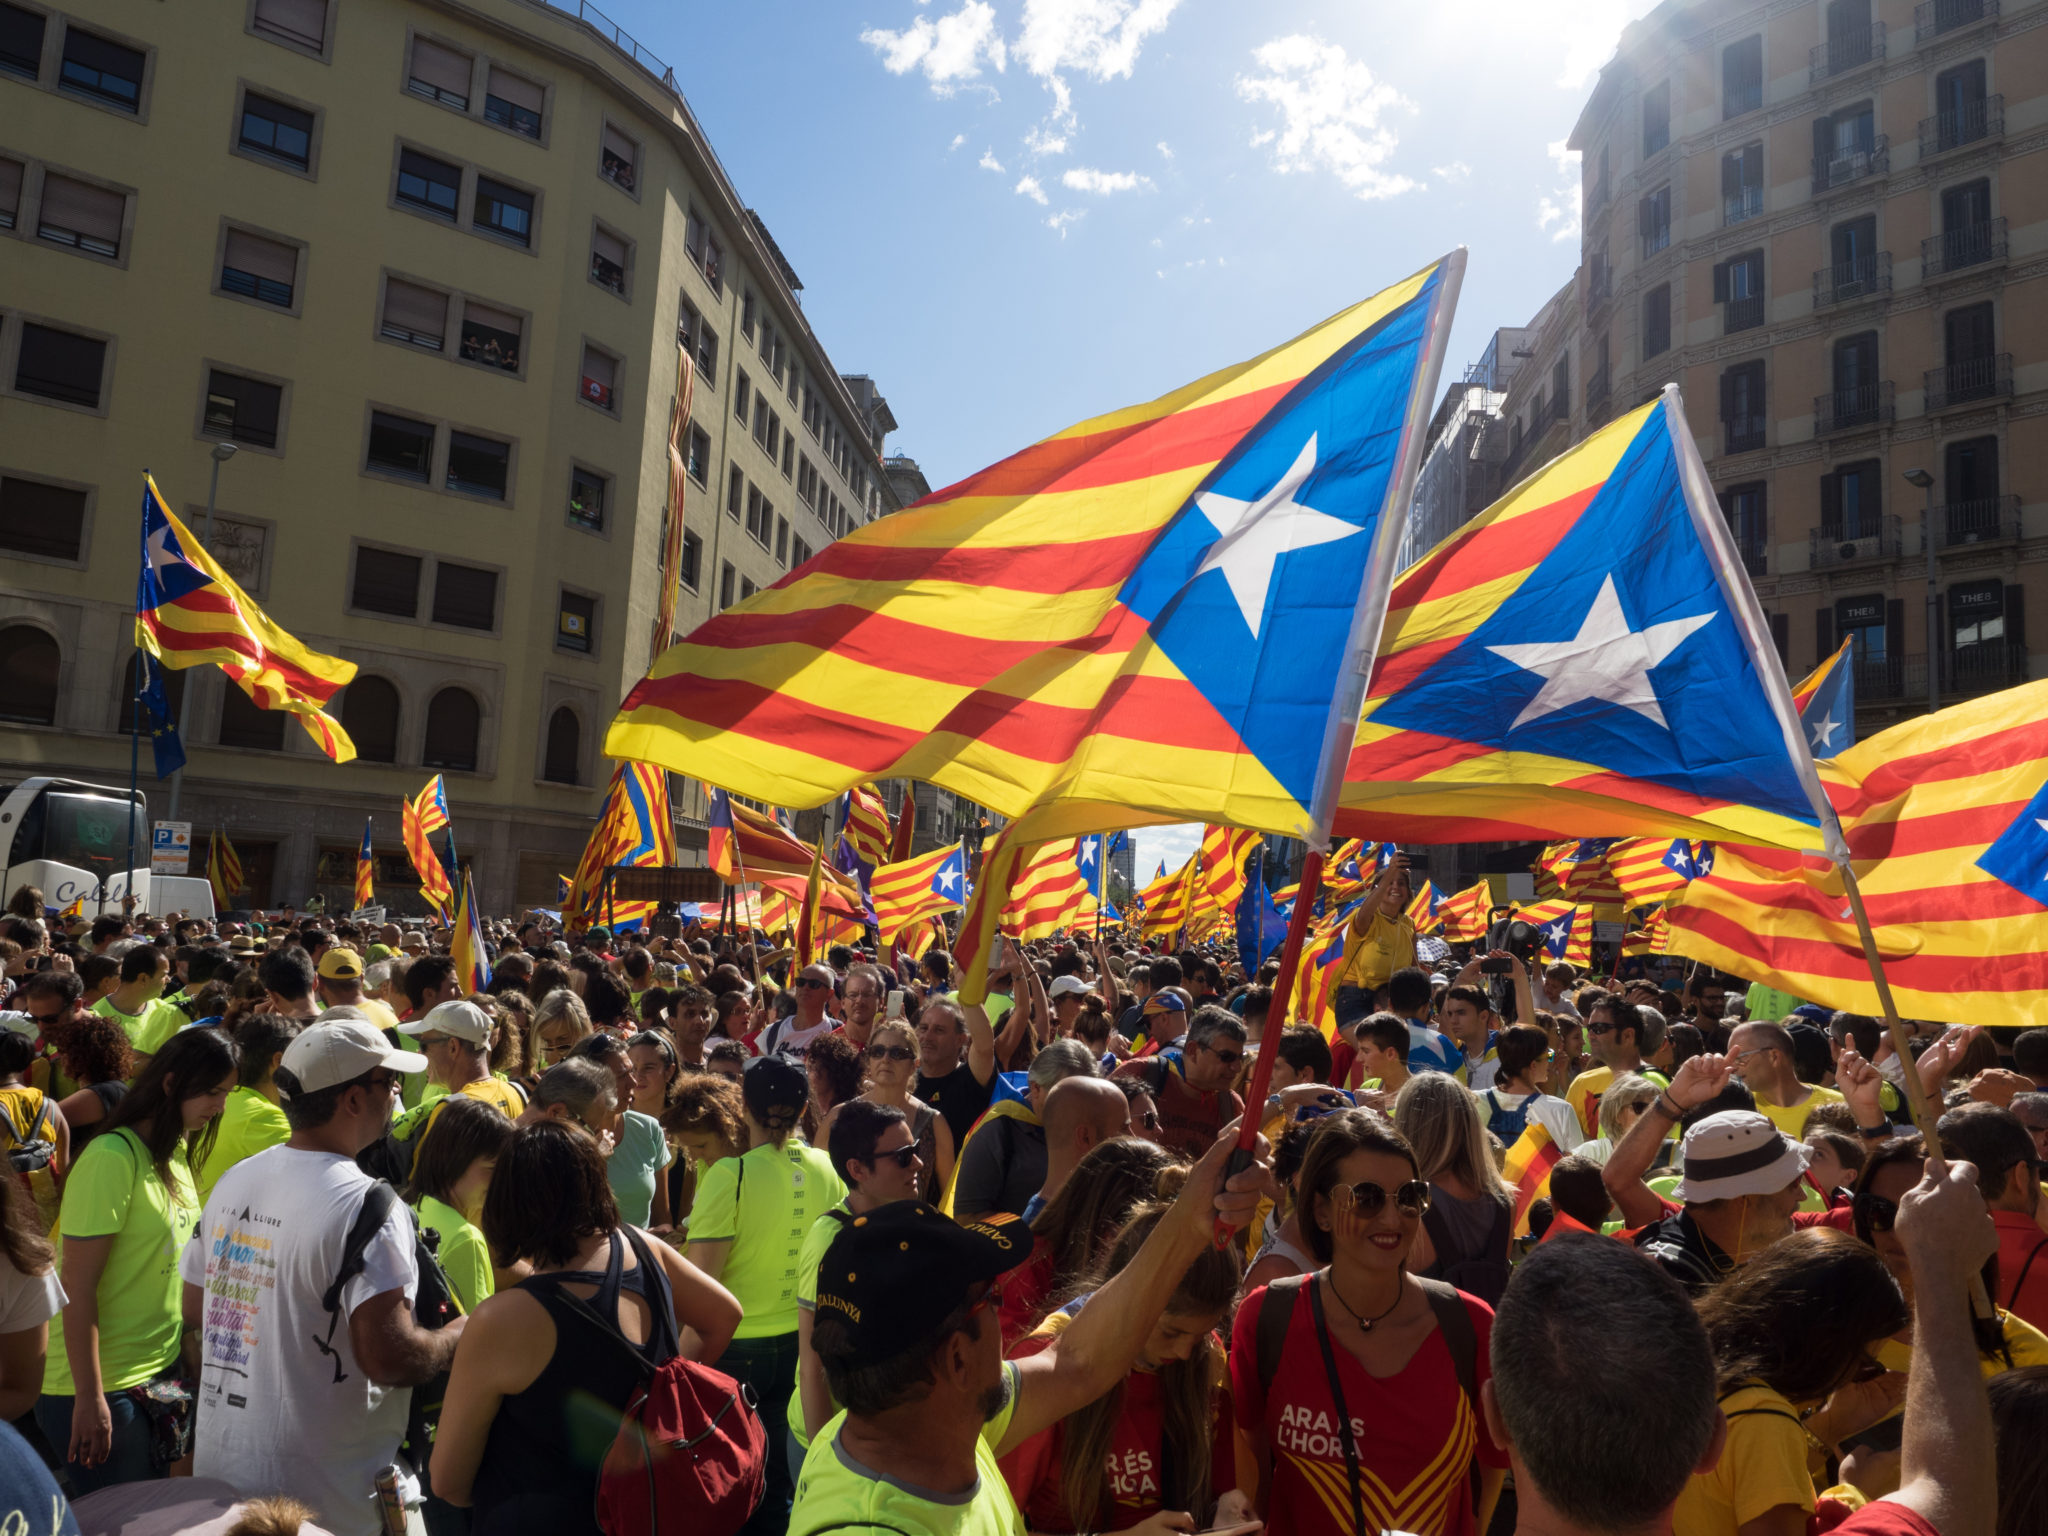 Katalonia 2017: zwolennicy niepodległości regionu